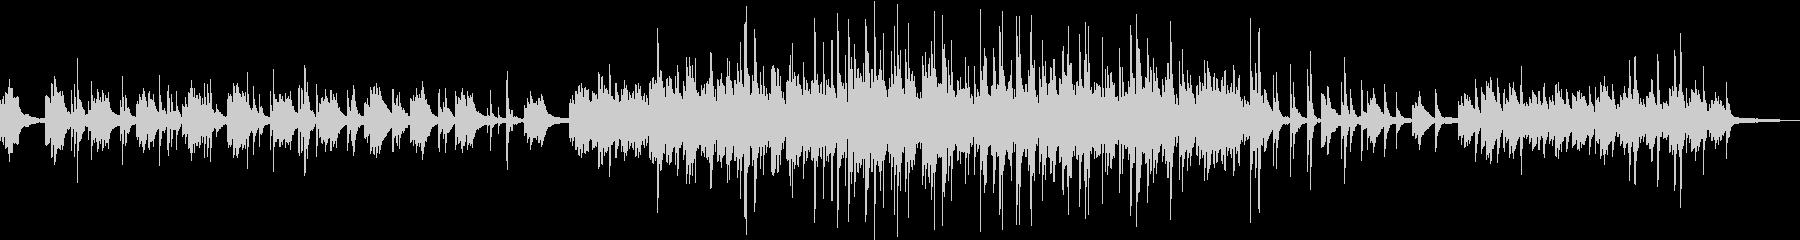 静かな海の様なヒーリングピアノバラード の未再生の波形